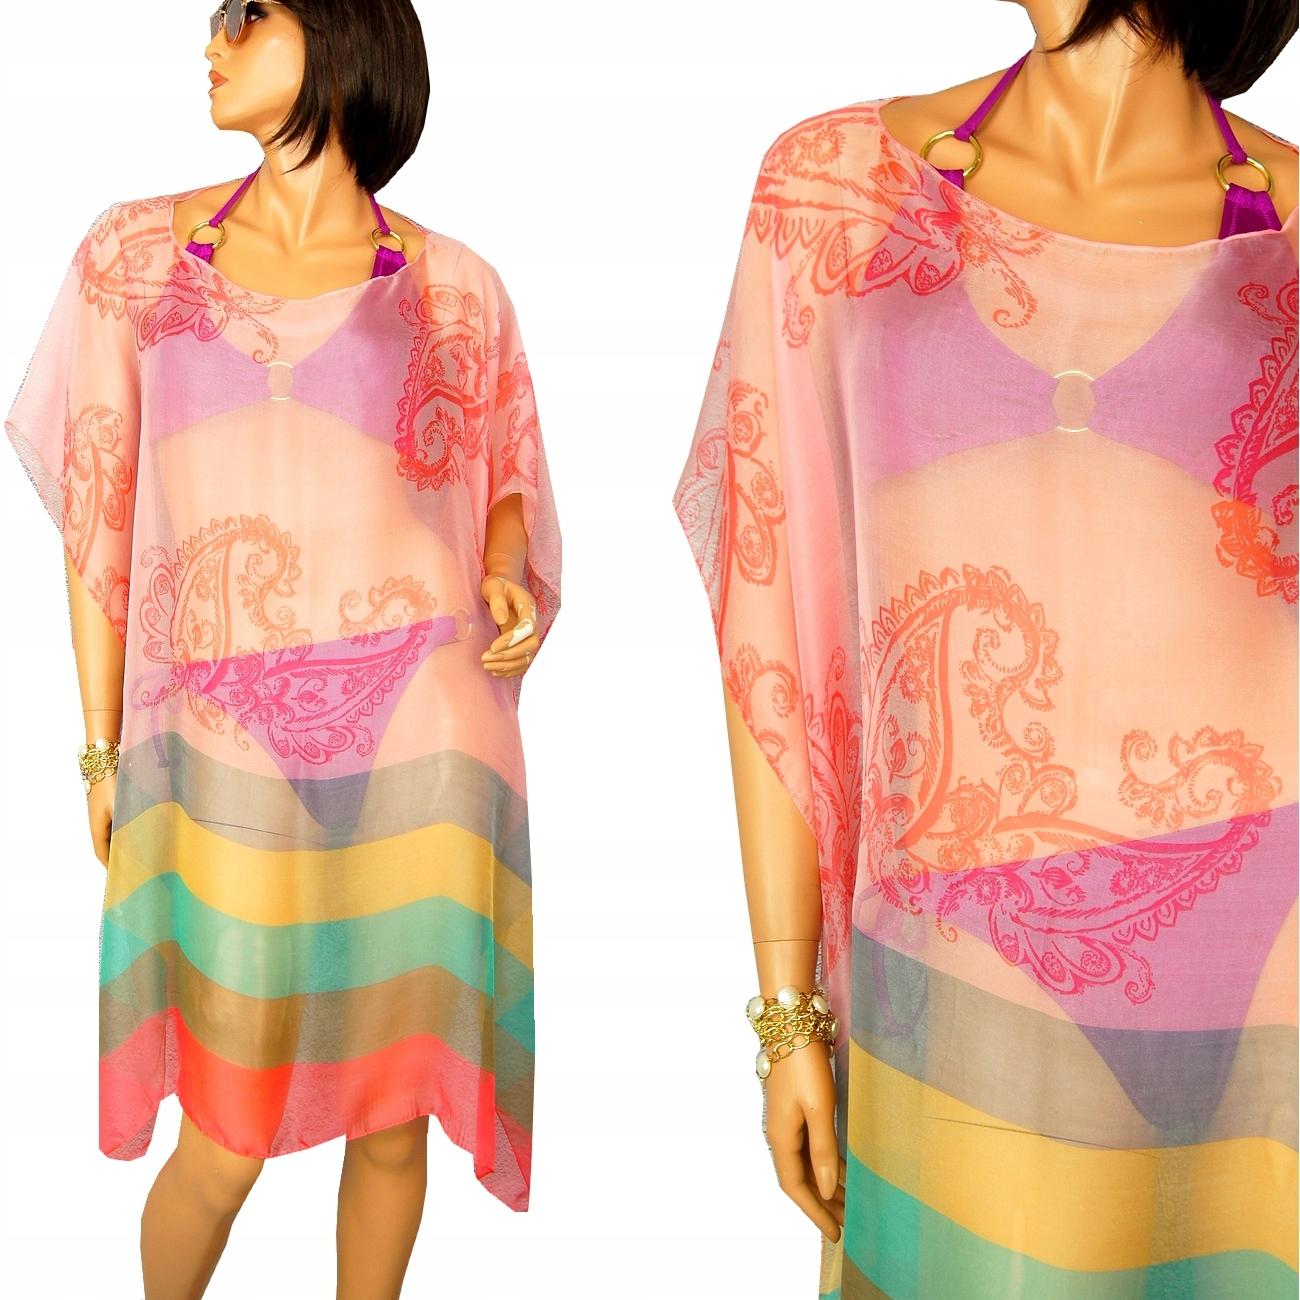 PAREO PLAŻOWE STRÓJ chusta sukienka TUNIKA KOLORY